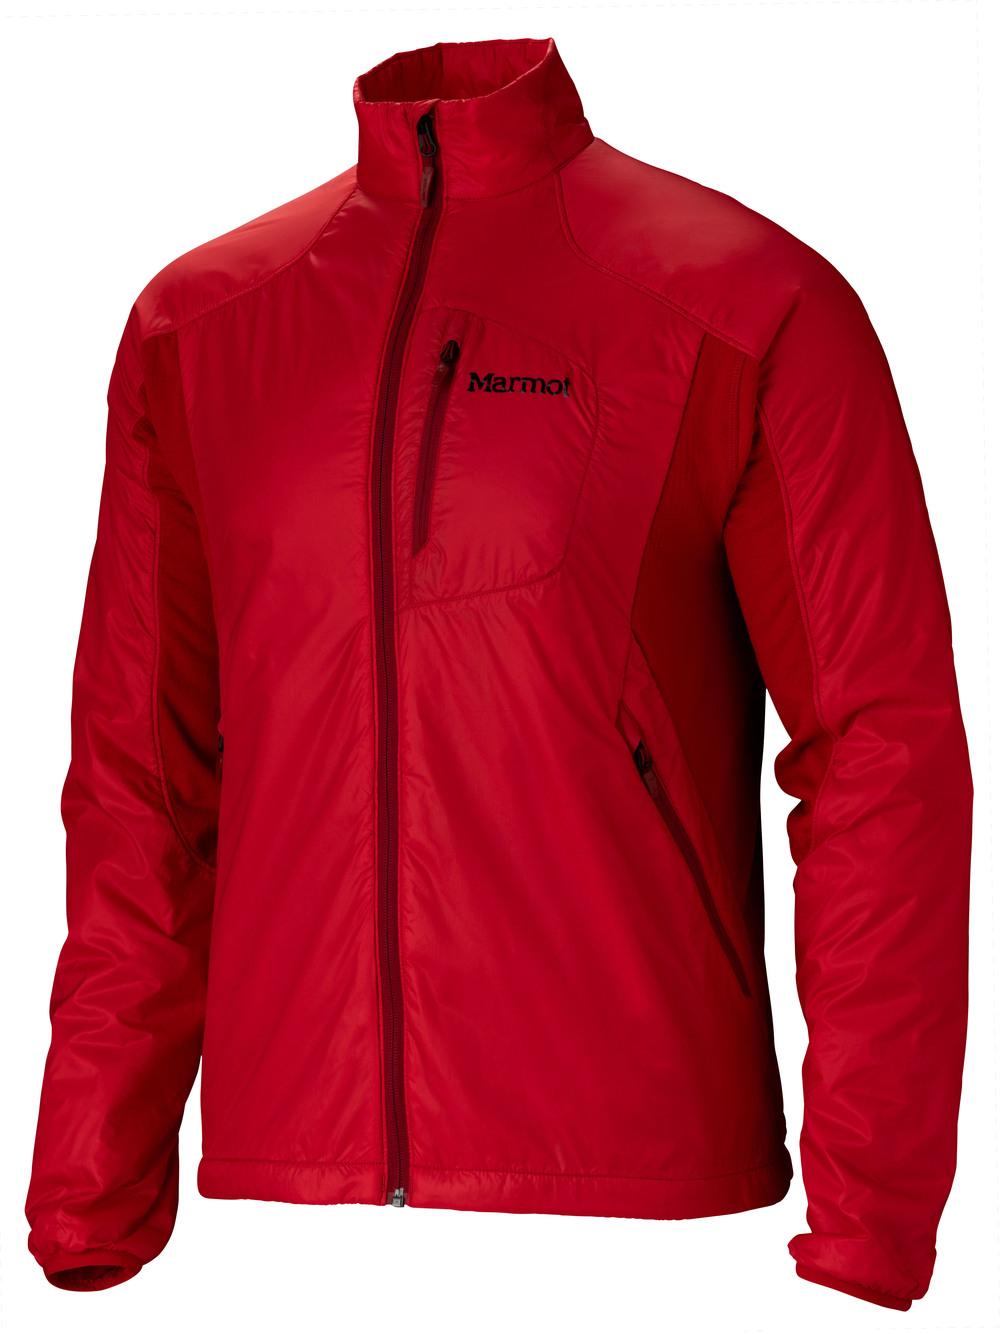 Marmot Isotherm jacket.jpg